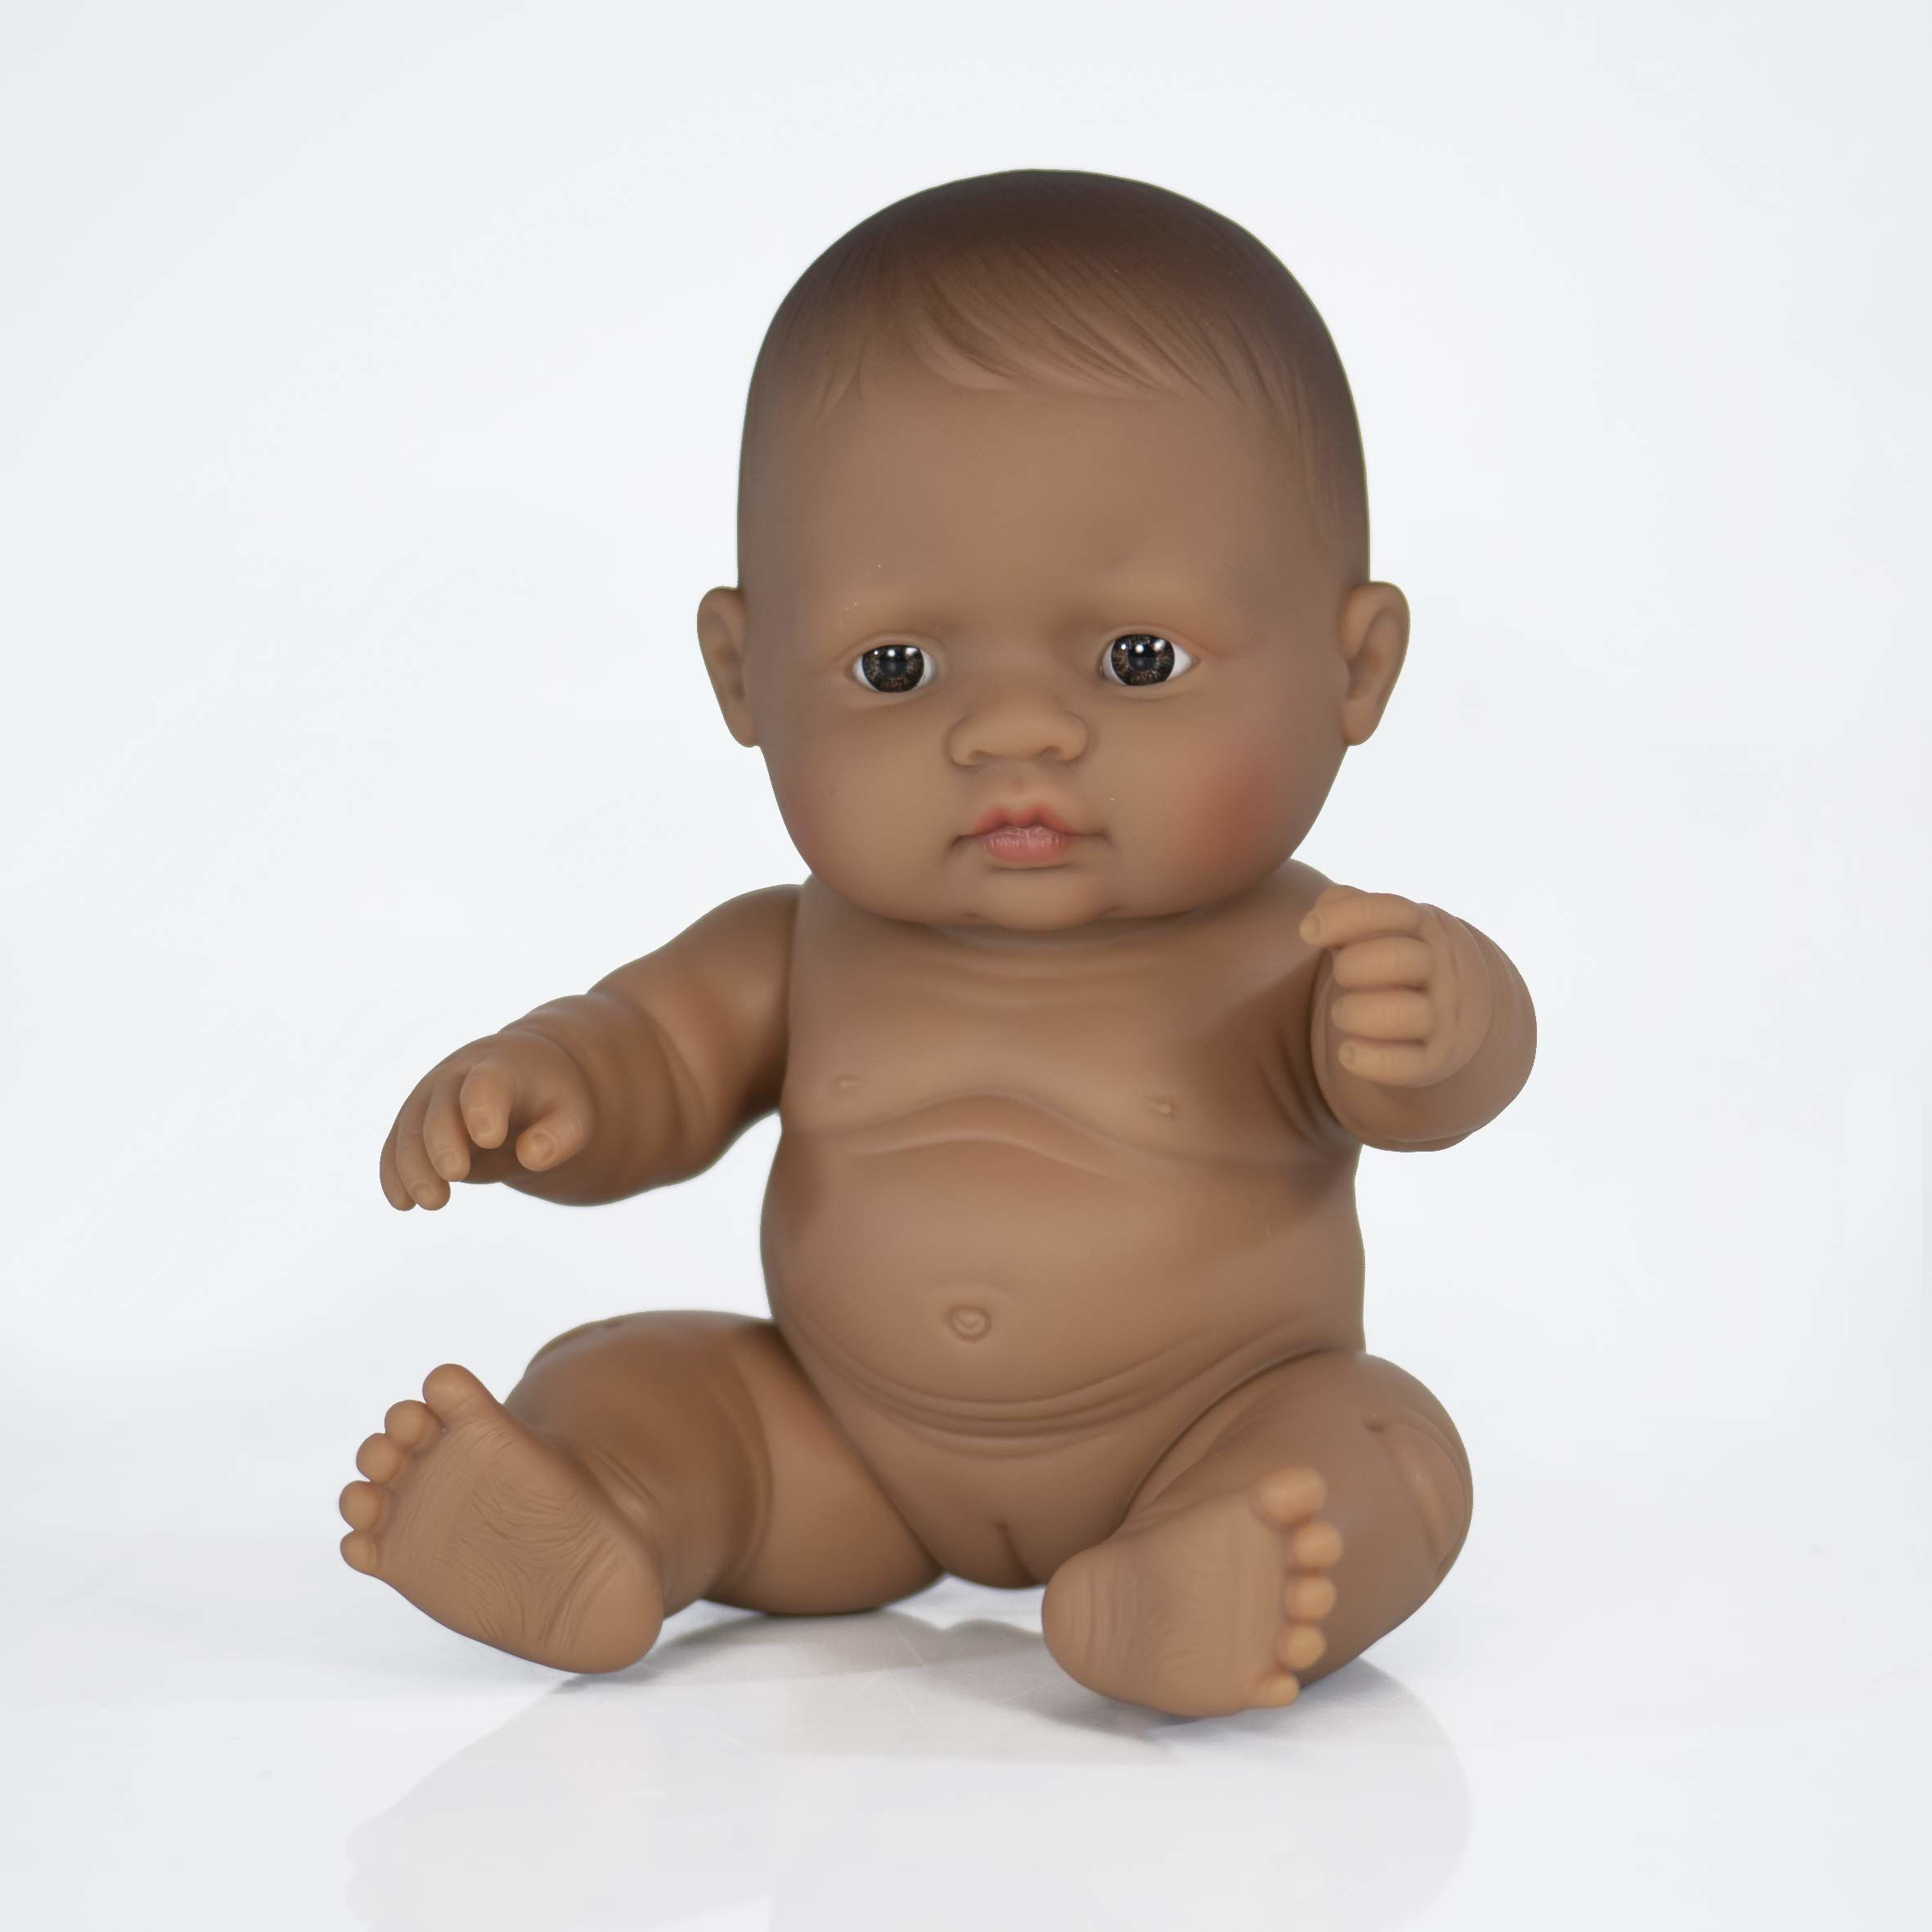 Miniland Miniland31148 lalka dziecięca Hiszpaniczna torba foliowa, wielokolorowa